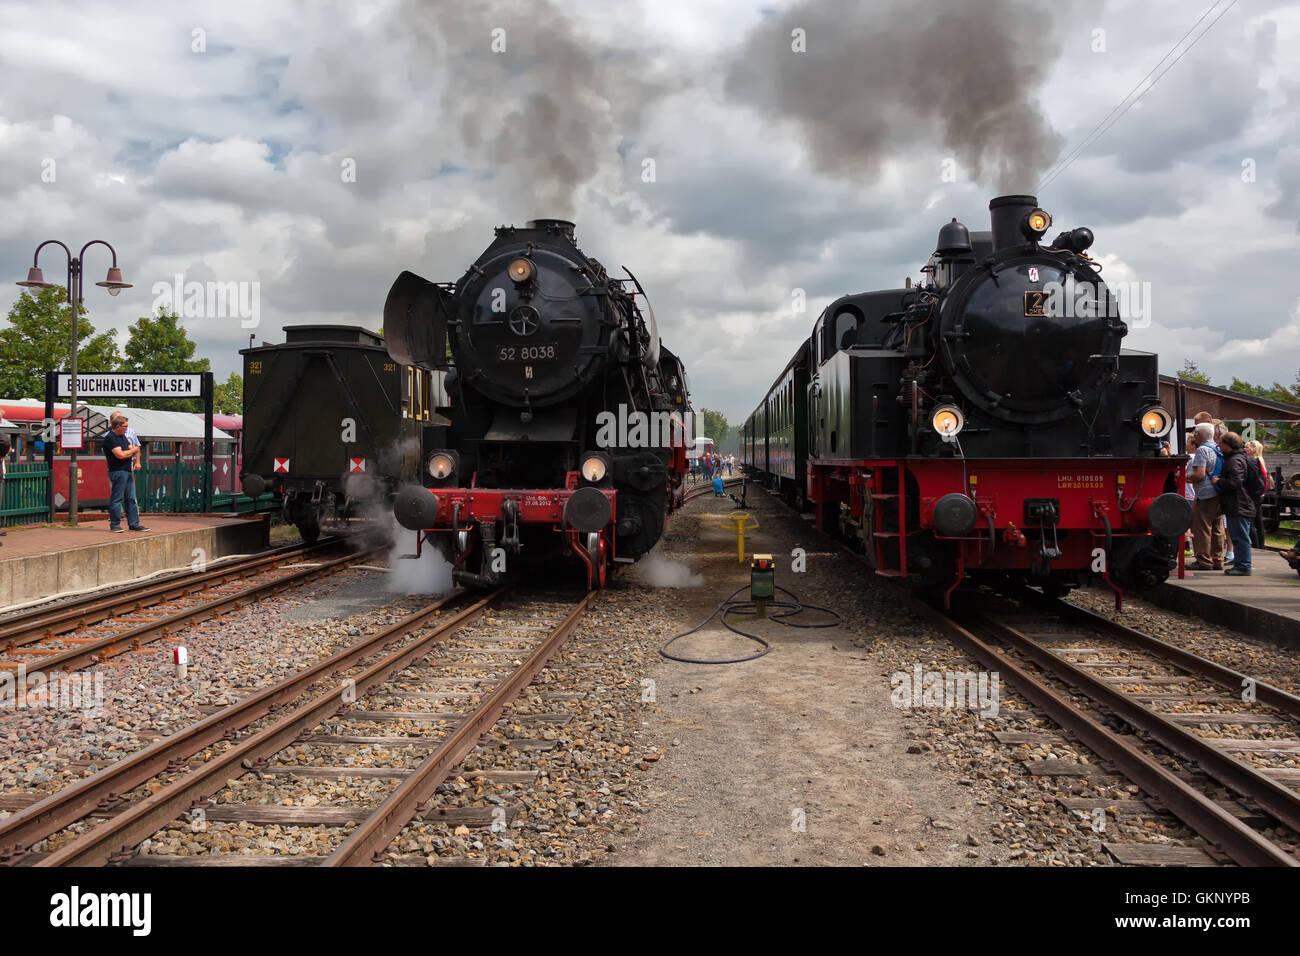 """52 8038 der Dampfeisenbahn Weserbergland und DHEF 2 """"Anna"""" von Jan Harpstedt am Bruchhauser-Vilsen, Deutschland. Stockfoto"""